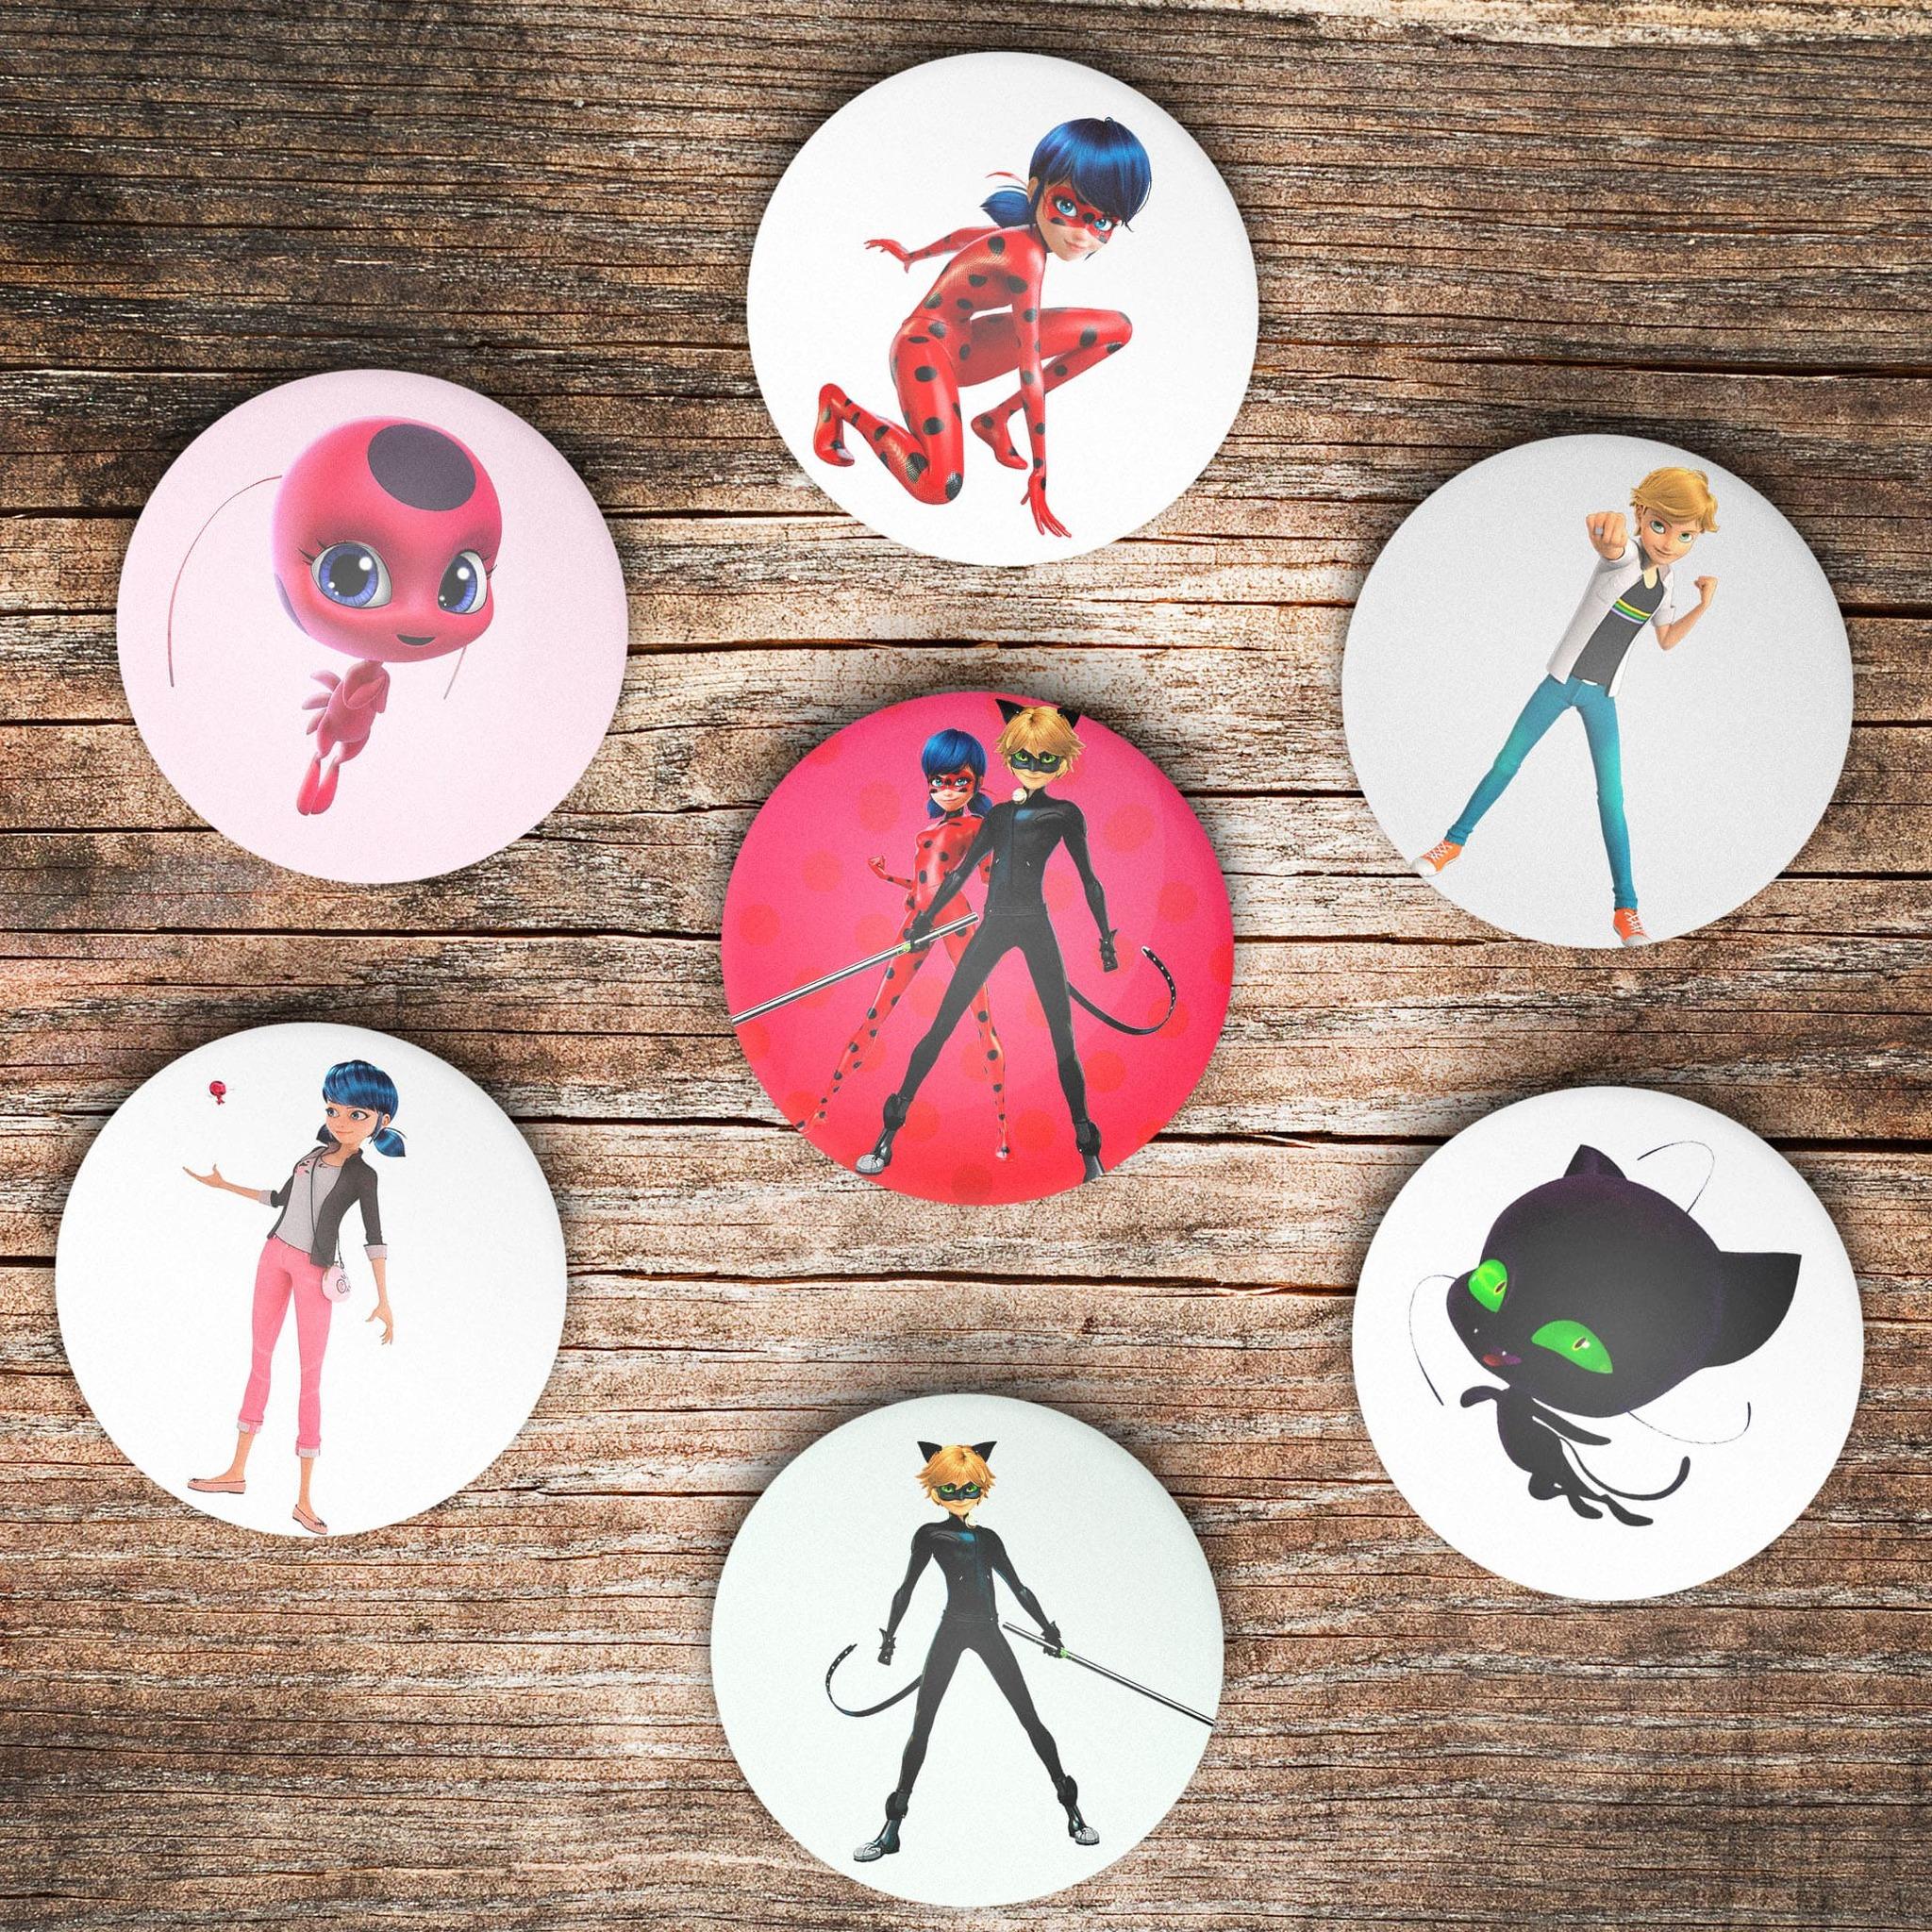 Комплект из 7 значков Леди Баг и Супер Кот - купить в интернет-магазине kinoshop24.ru